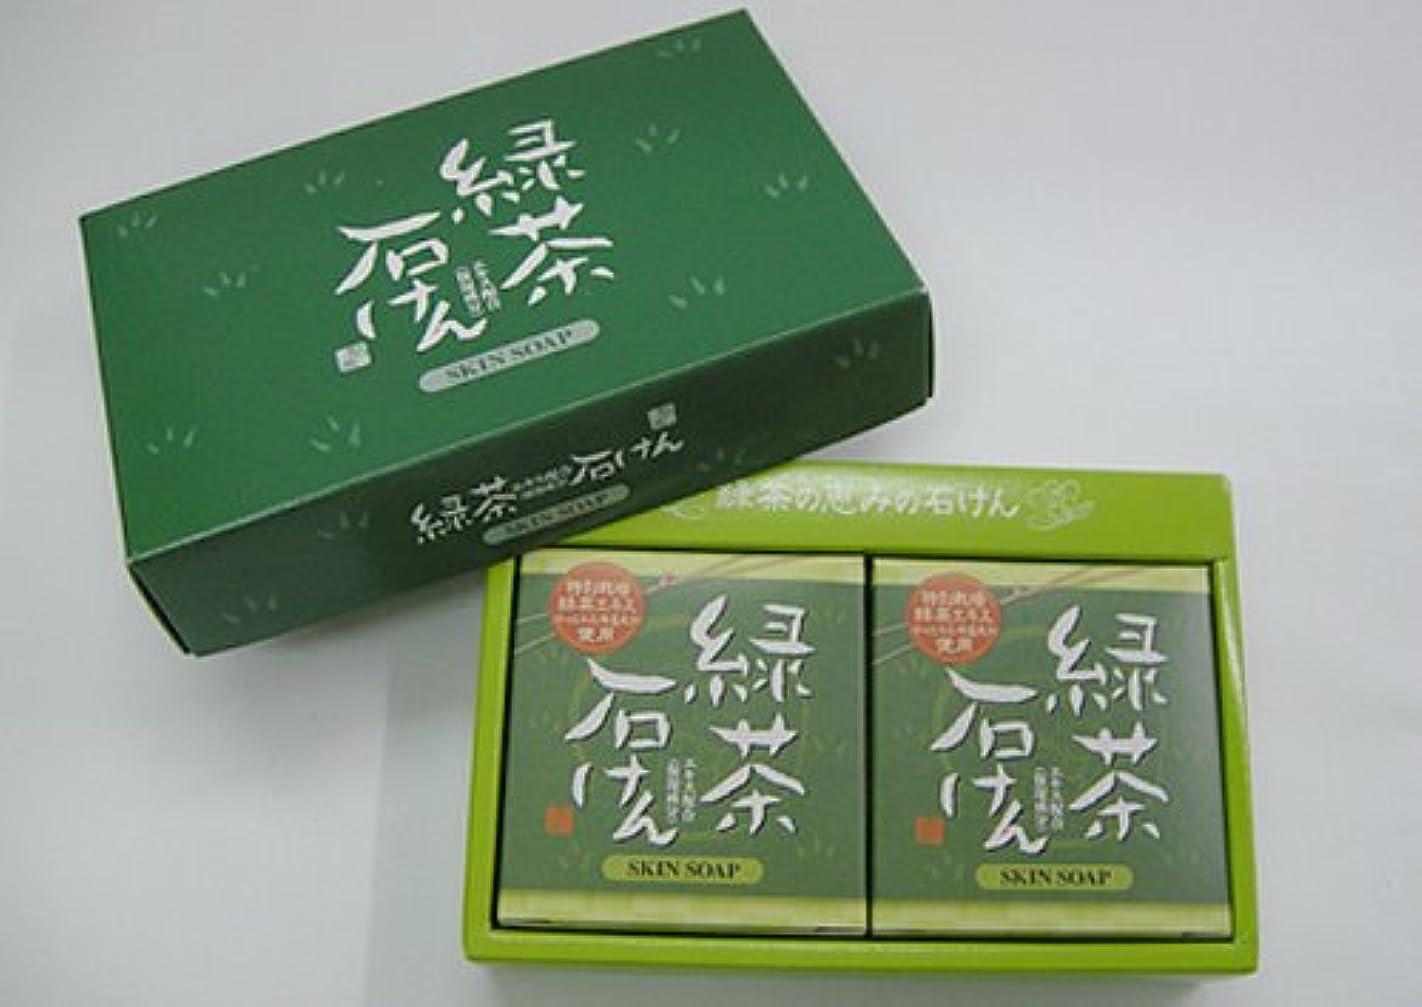 ヘッジシーボード特徴緑茶せっけん(緑茶エキス配合石けん)2ヶ入り